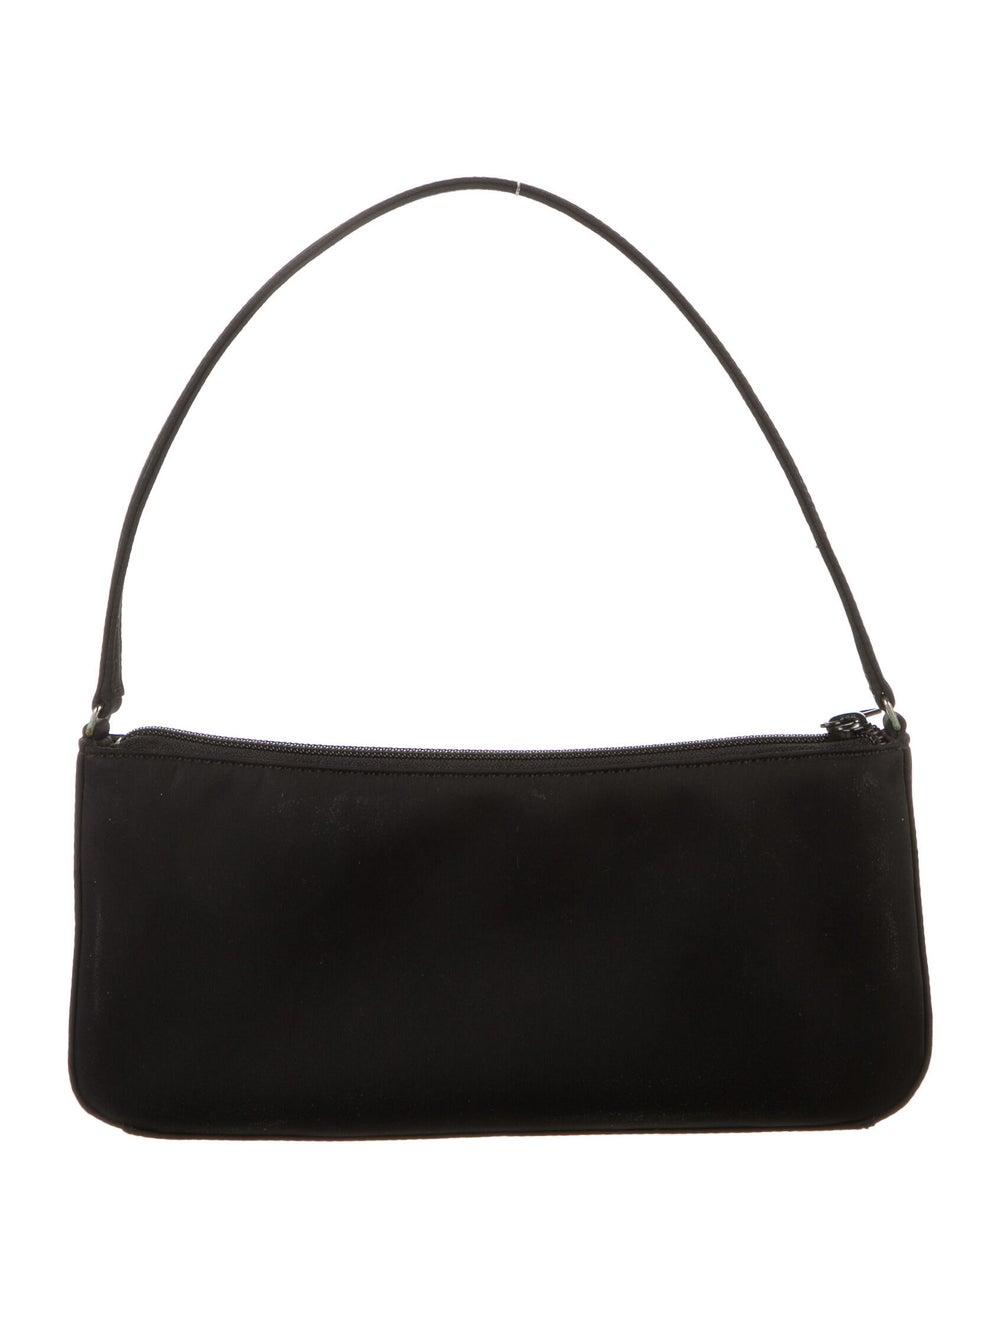 Kate Spade New York Nylon Shoulder Bag Black - image 4